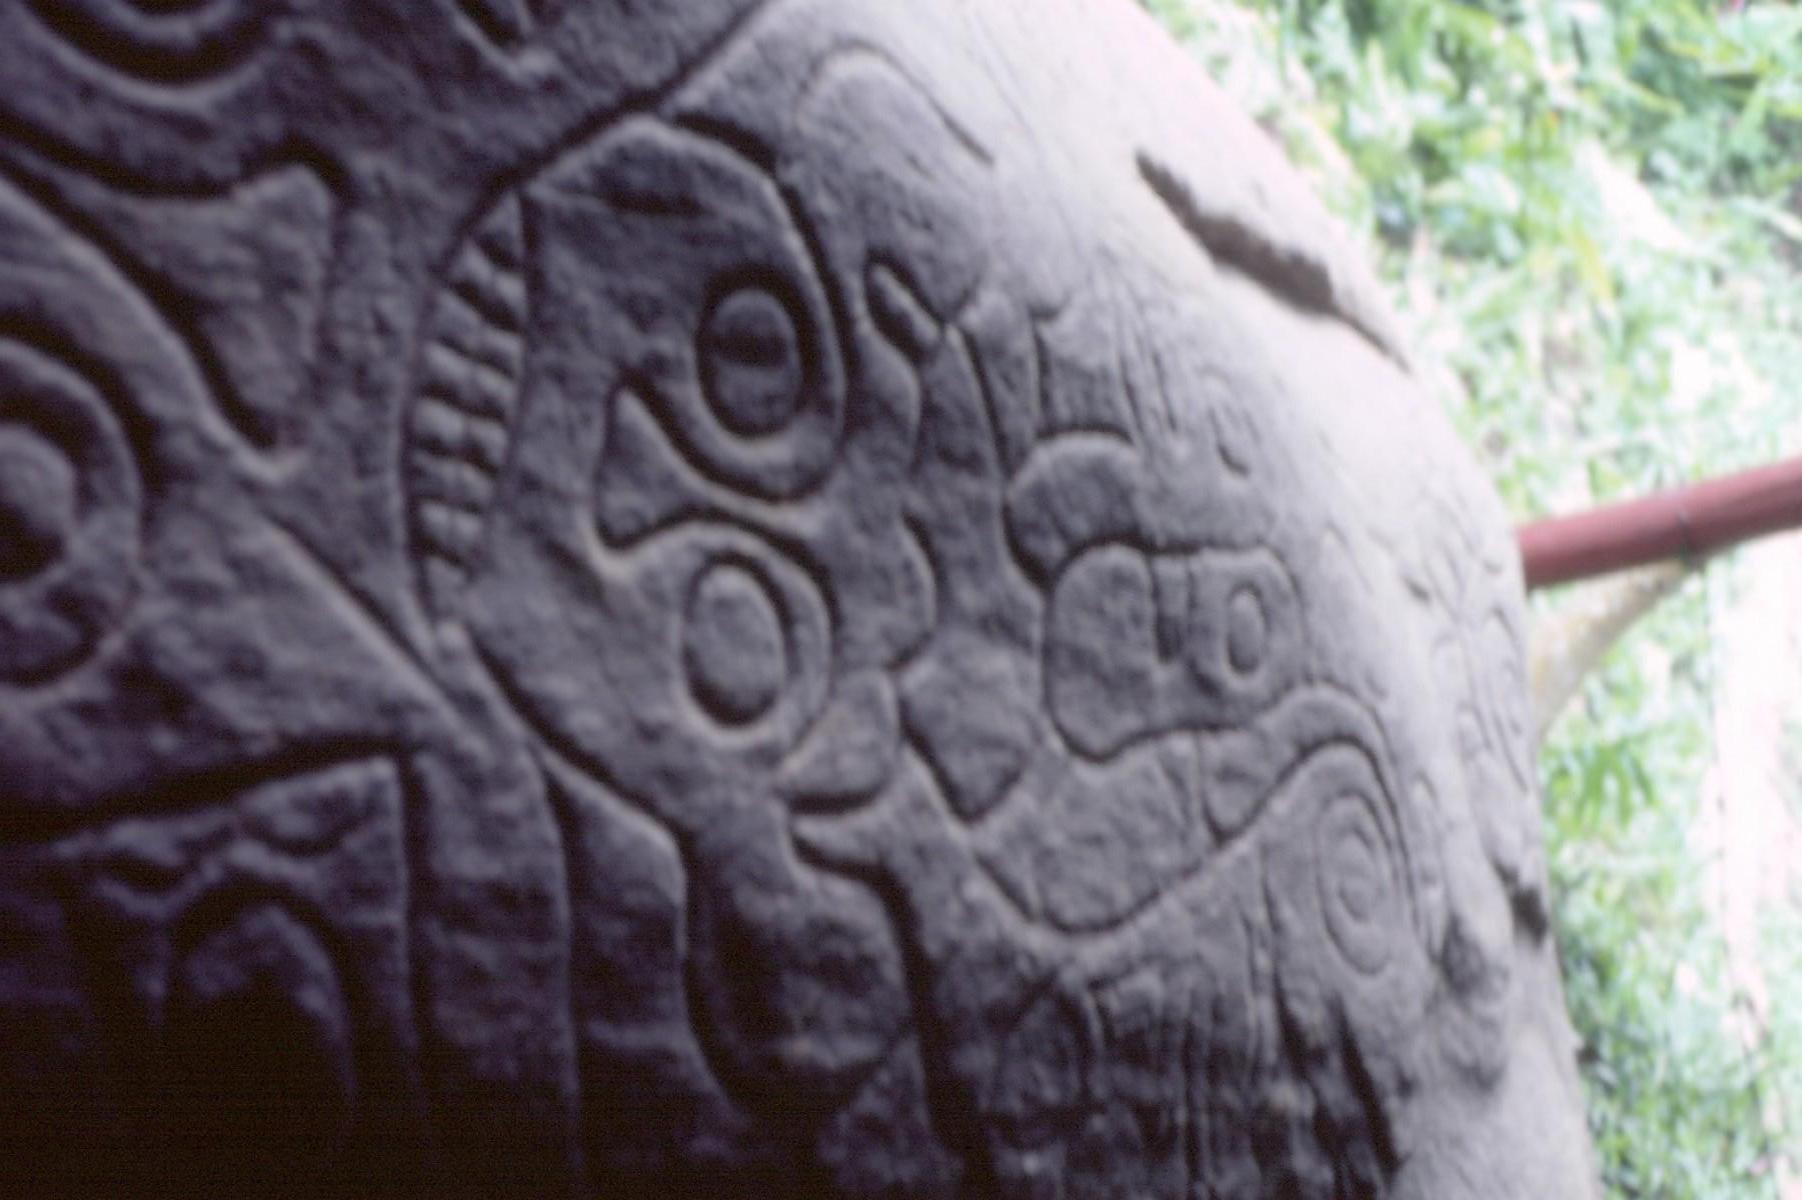 Batu Berukir